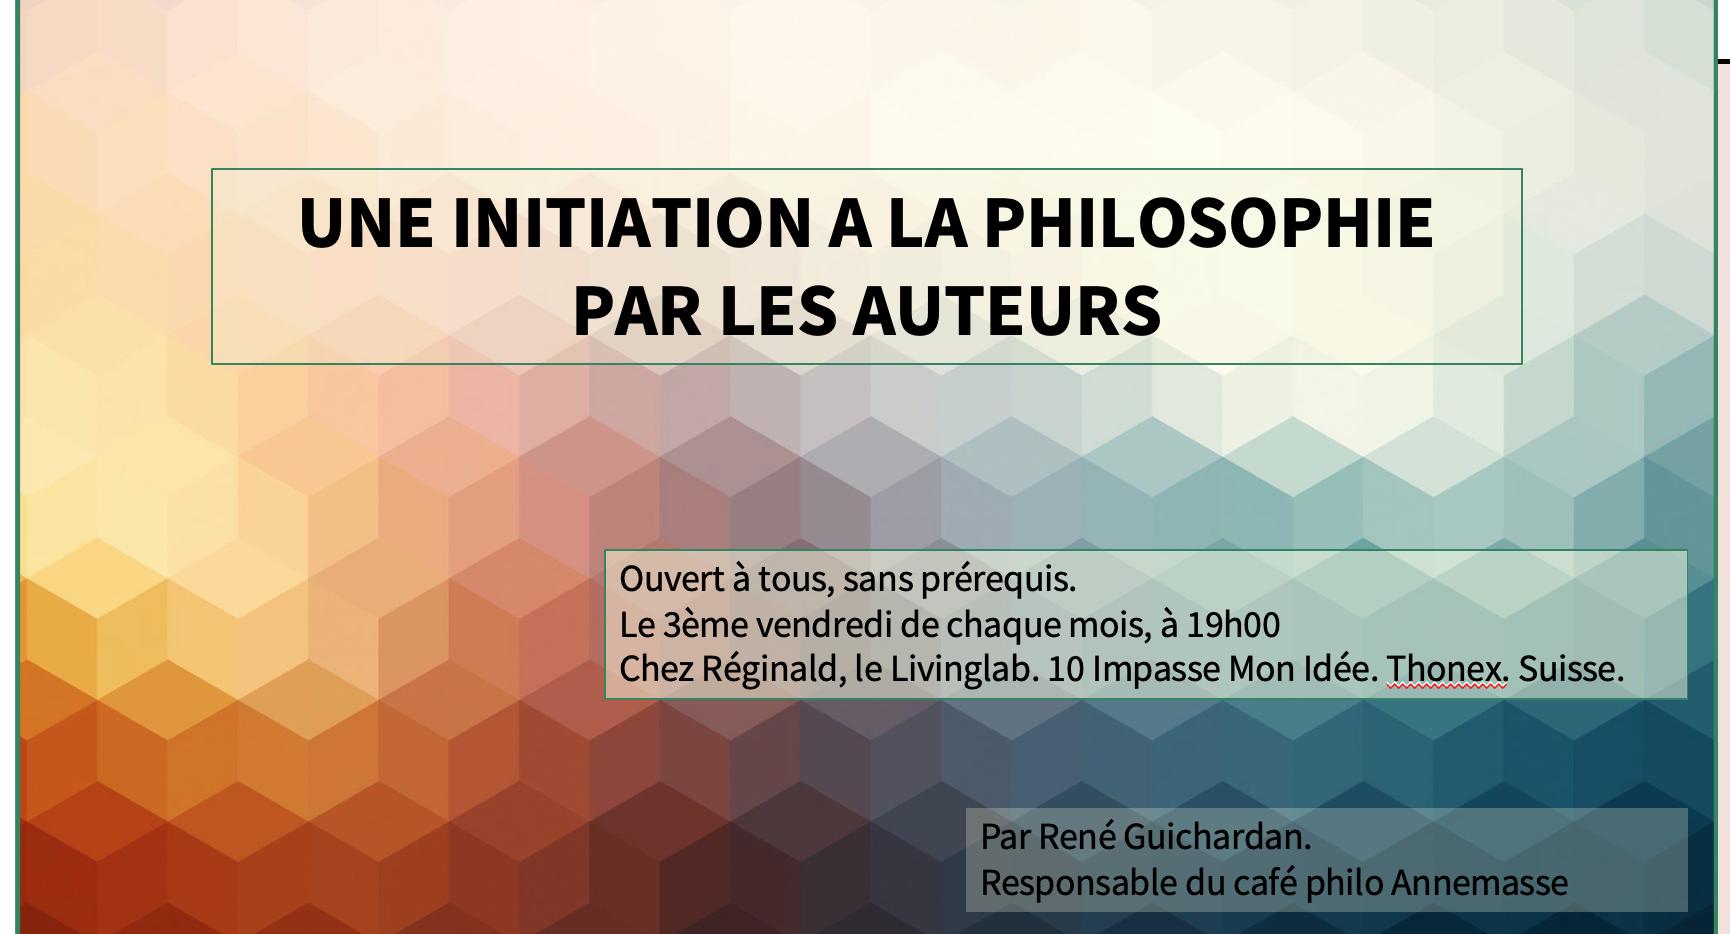 Initiation à la philosophie par les auteurs.